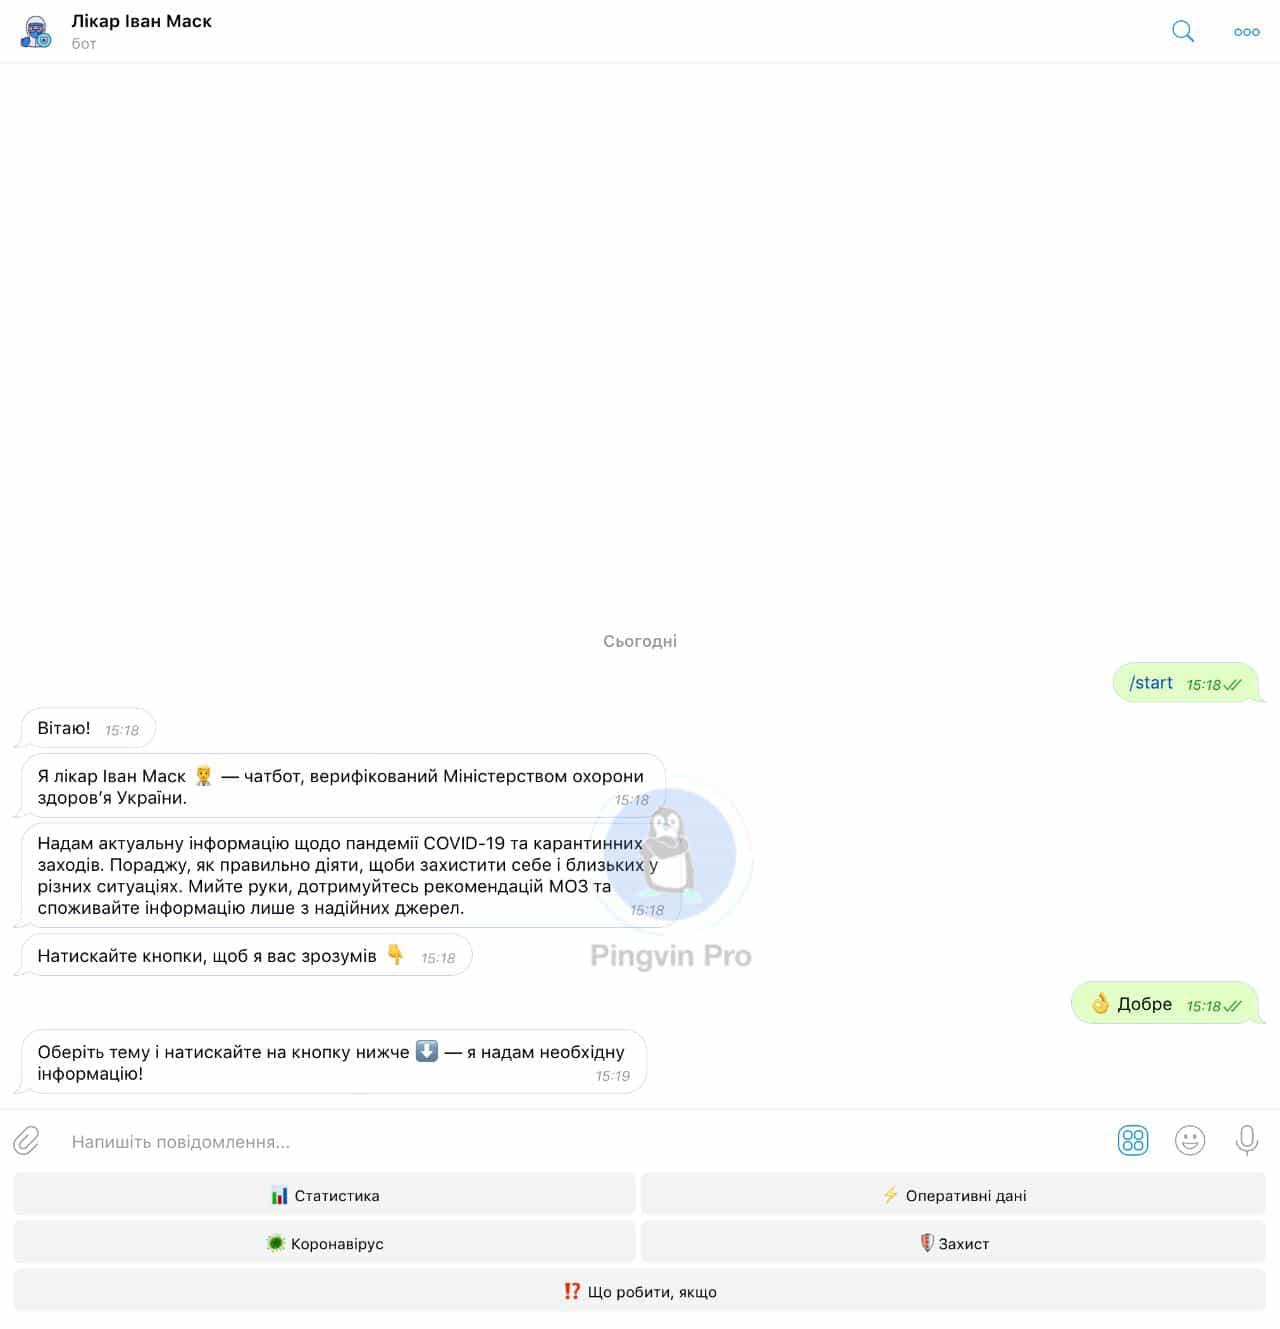 У Viber, Telegram та Facebook Messenger запустили чат-бота по коронавірусу